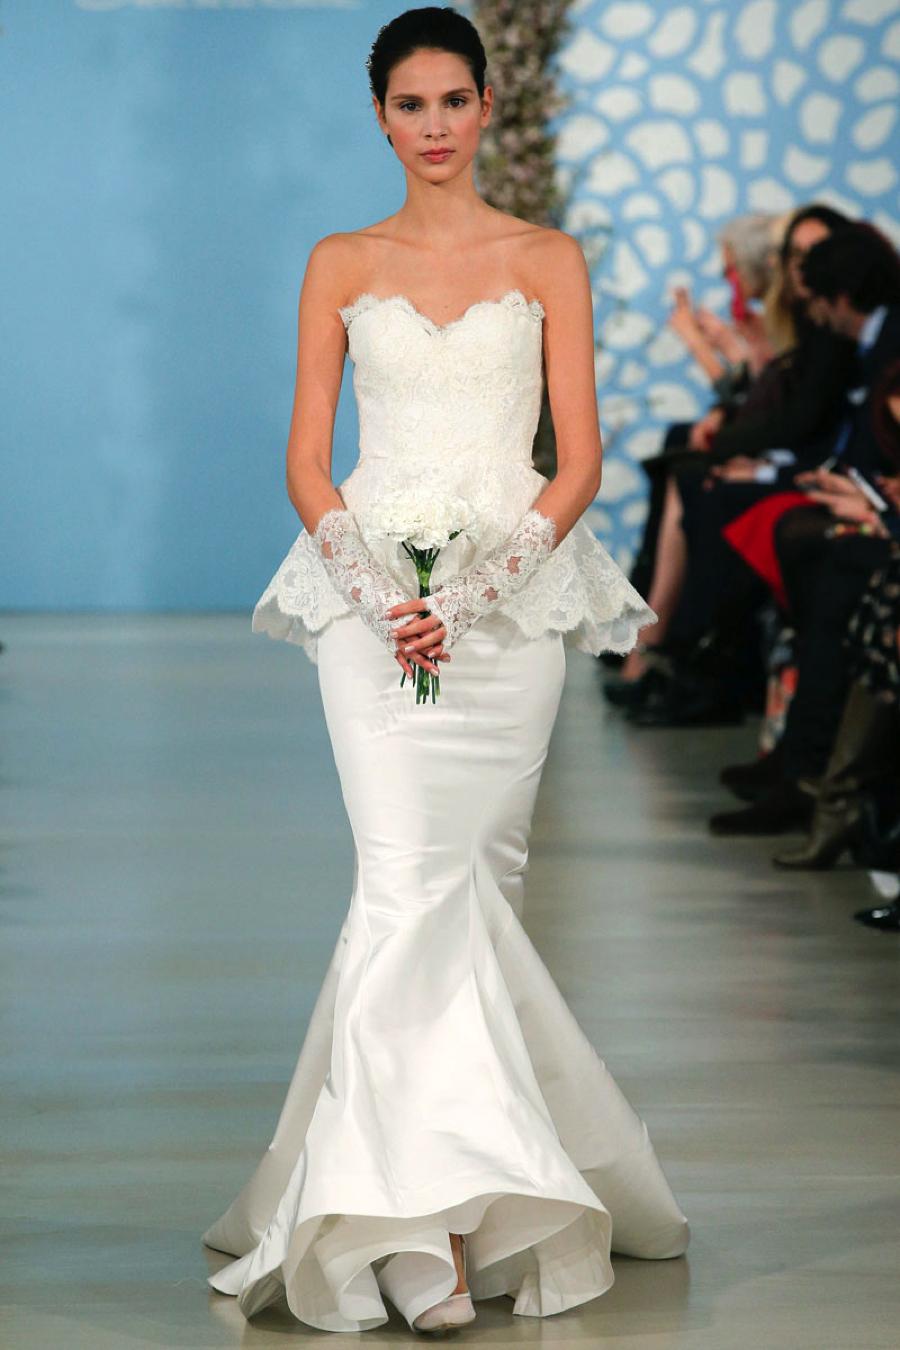 Blog — Bridal Hair And Makeup NYC - Makeup Artist For Bridal Hair ...